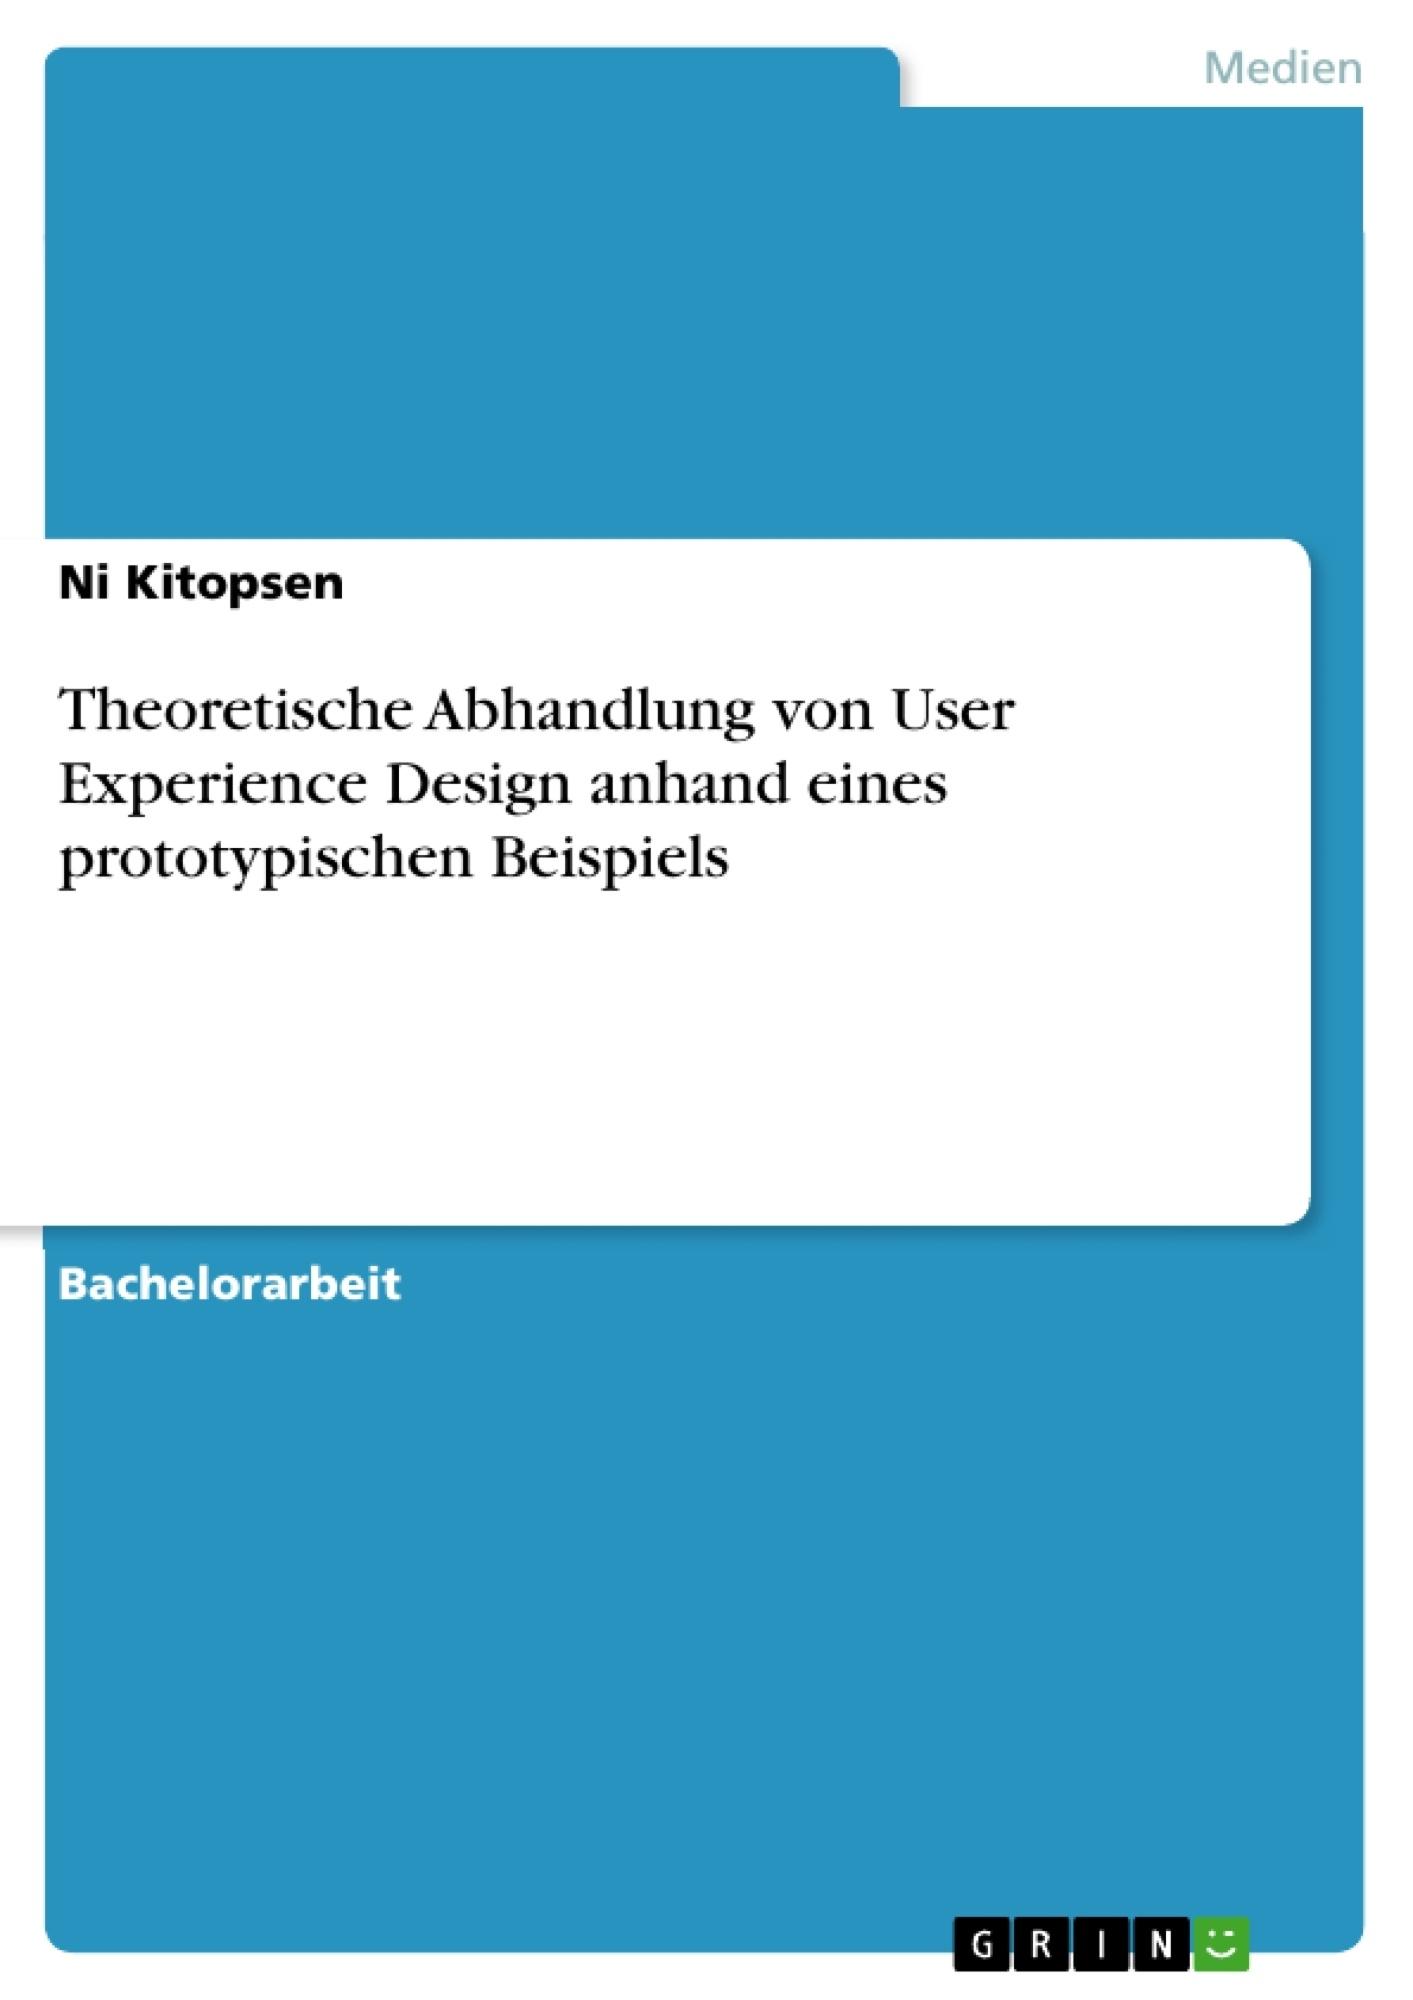 Titel: Theoretische Abhandlung von User Experience Design anhand eines prototypischen Beispiels